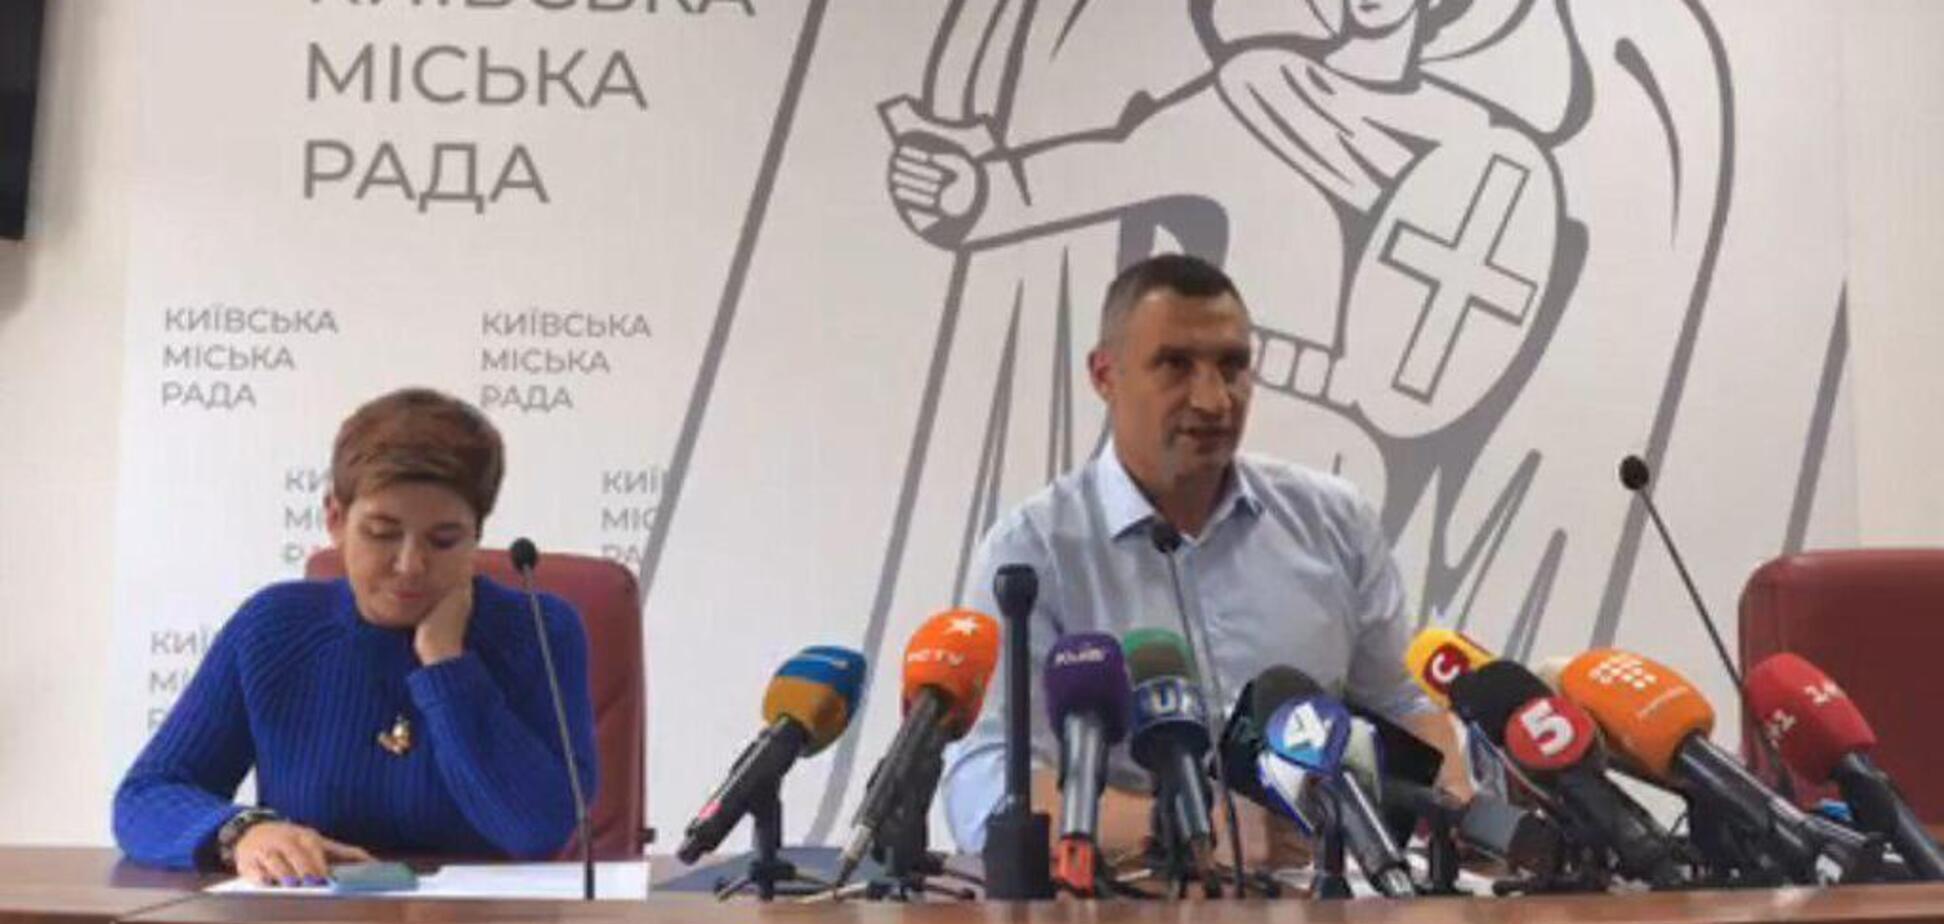 'Можуть звільнити тільки кияни!' Кличко відреагував на рішення Кабміну